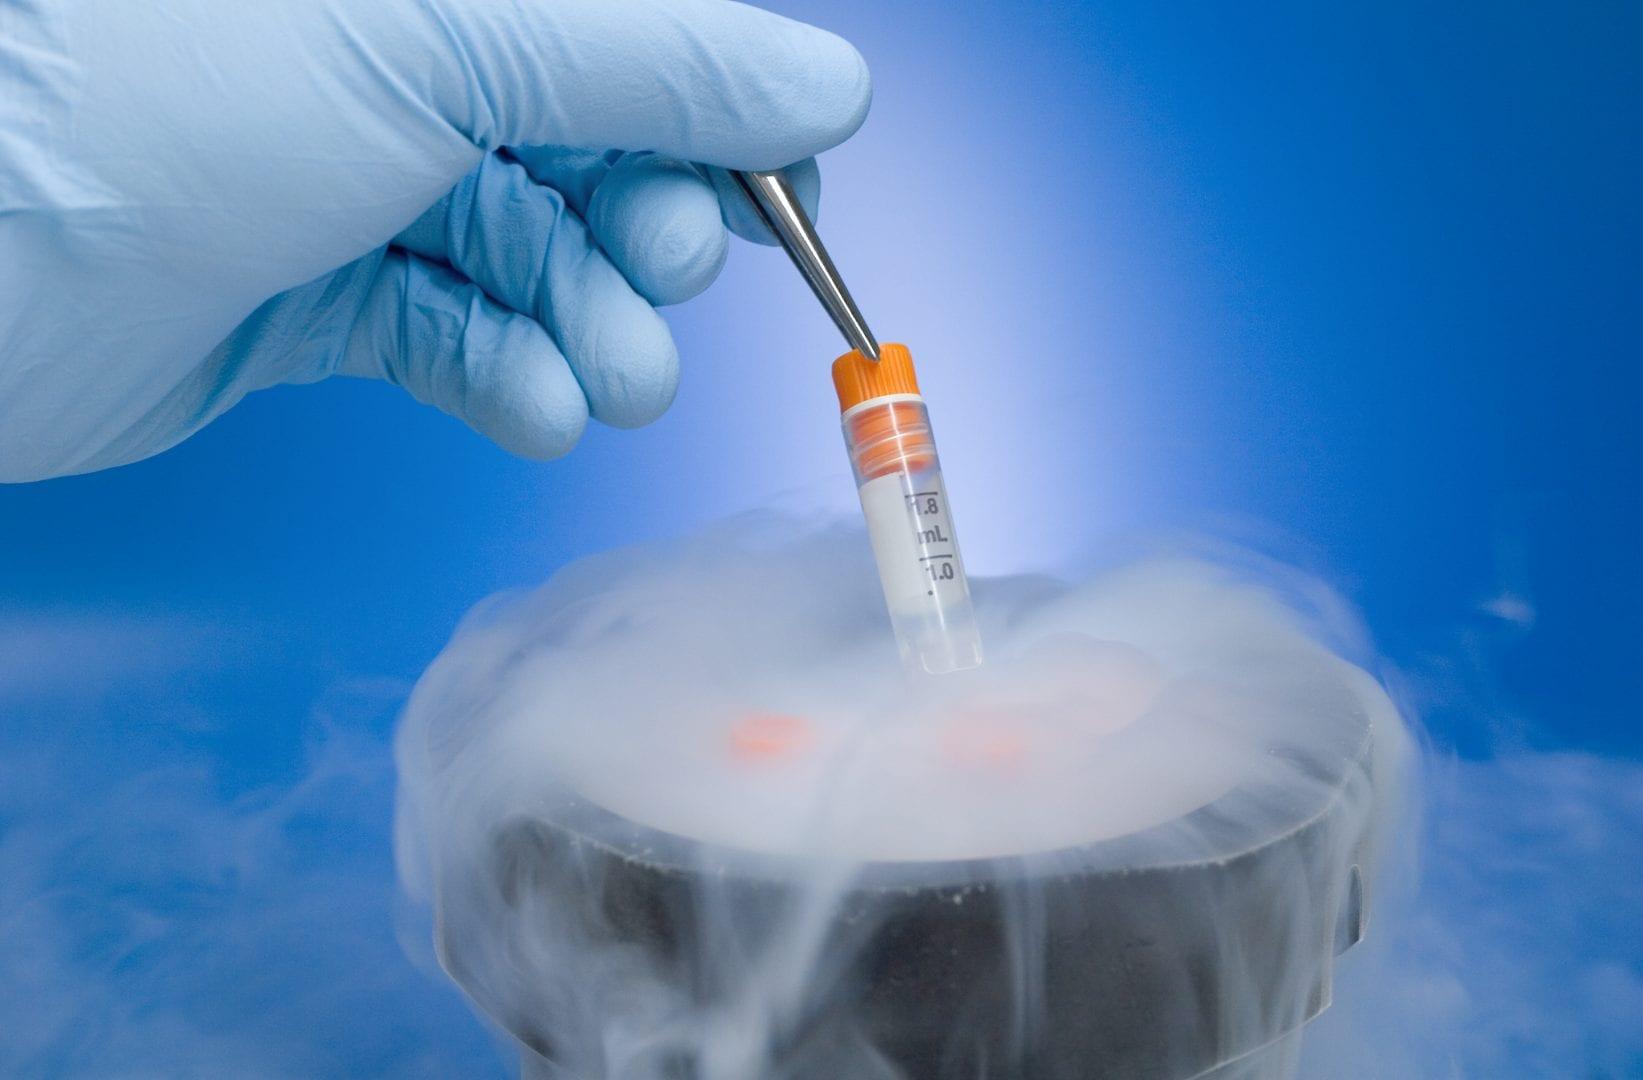 Congelamento de óvulos- Passo a passo do procedimento e quanto custa